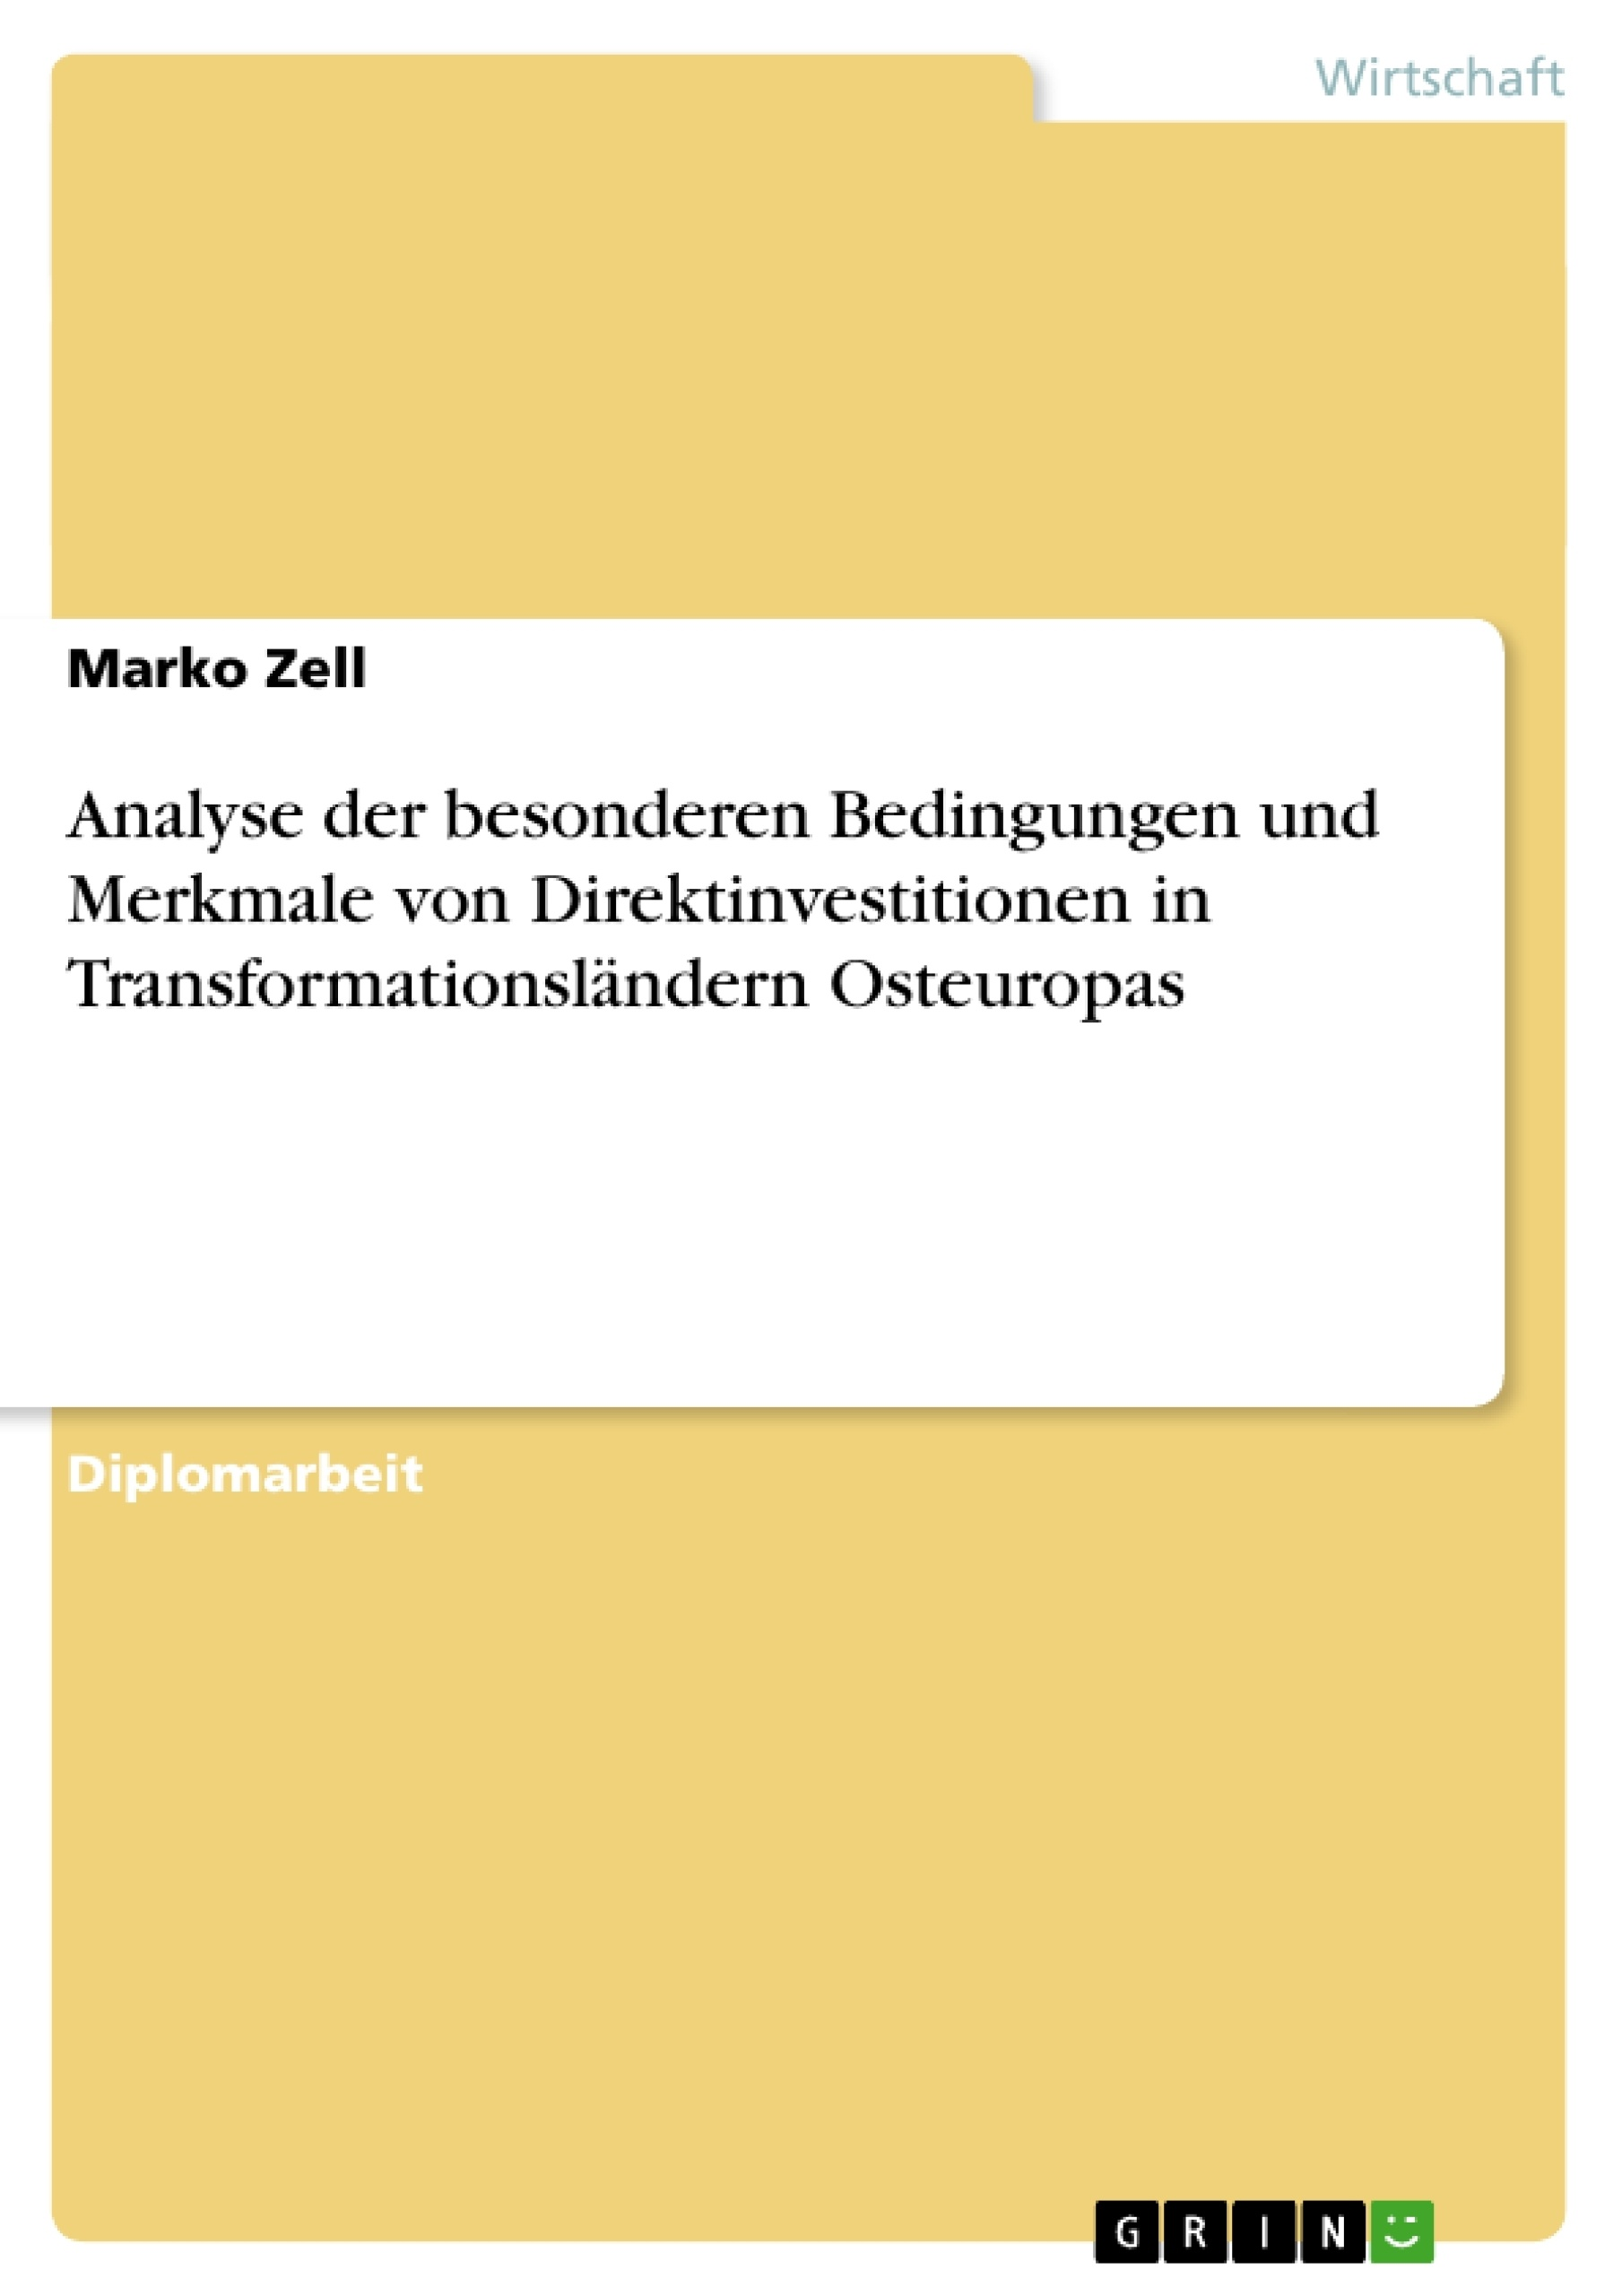 Titel: Analyse der besonderen Bedingungen und Merkmale von Direktinvestitionen in Transformationsländern Osteuropas